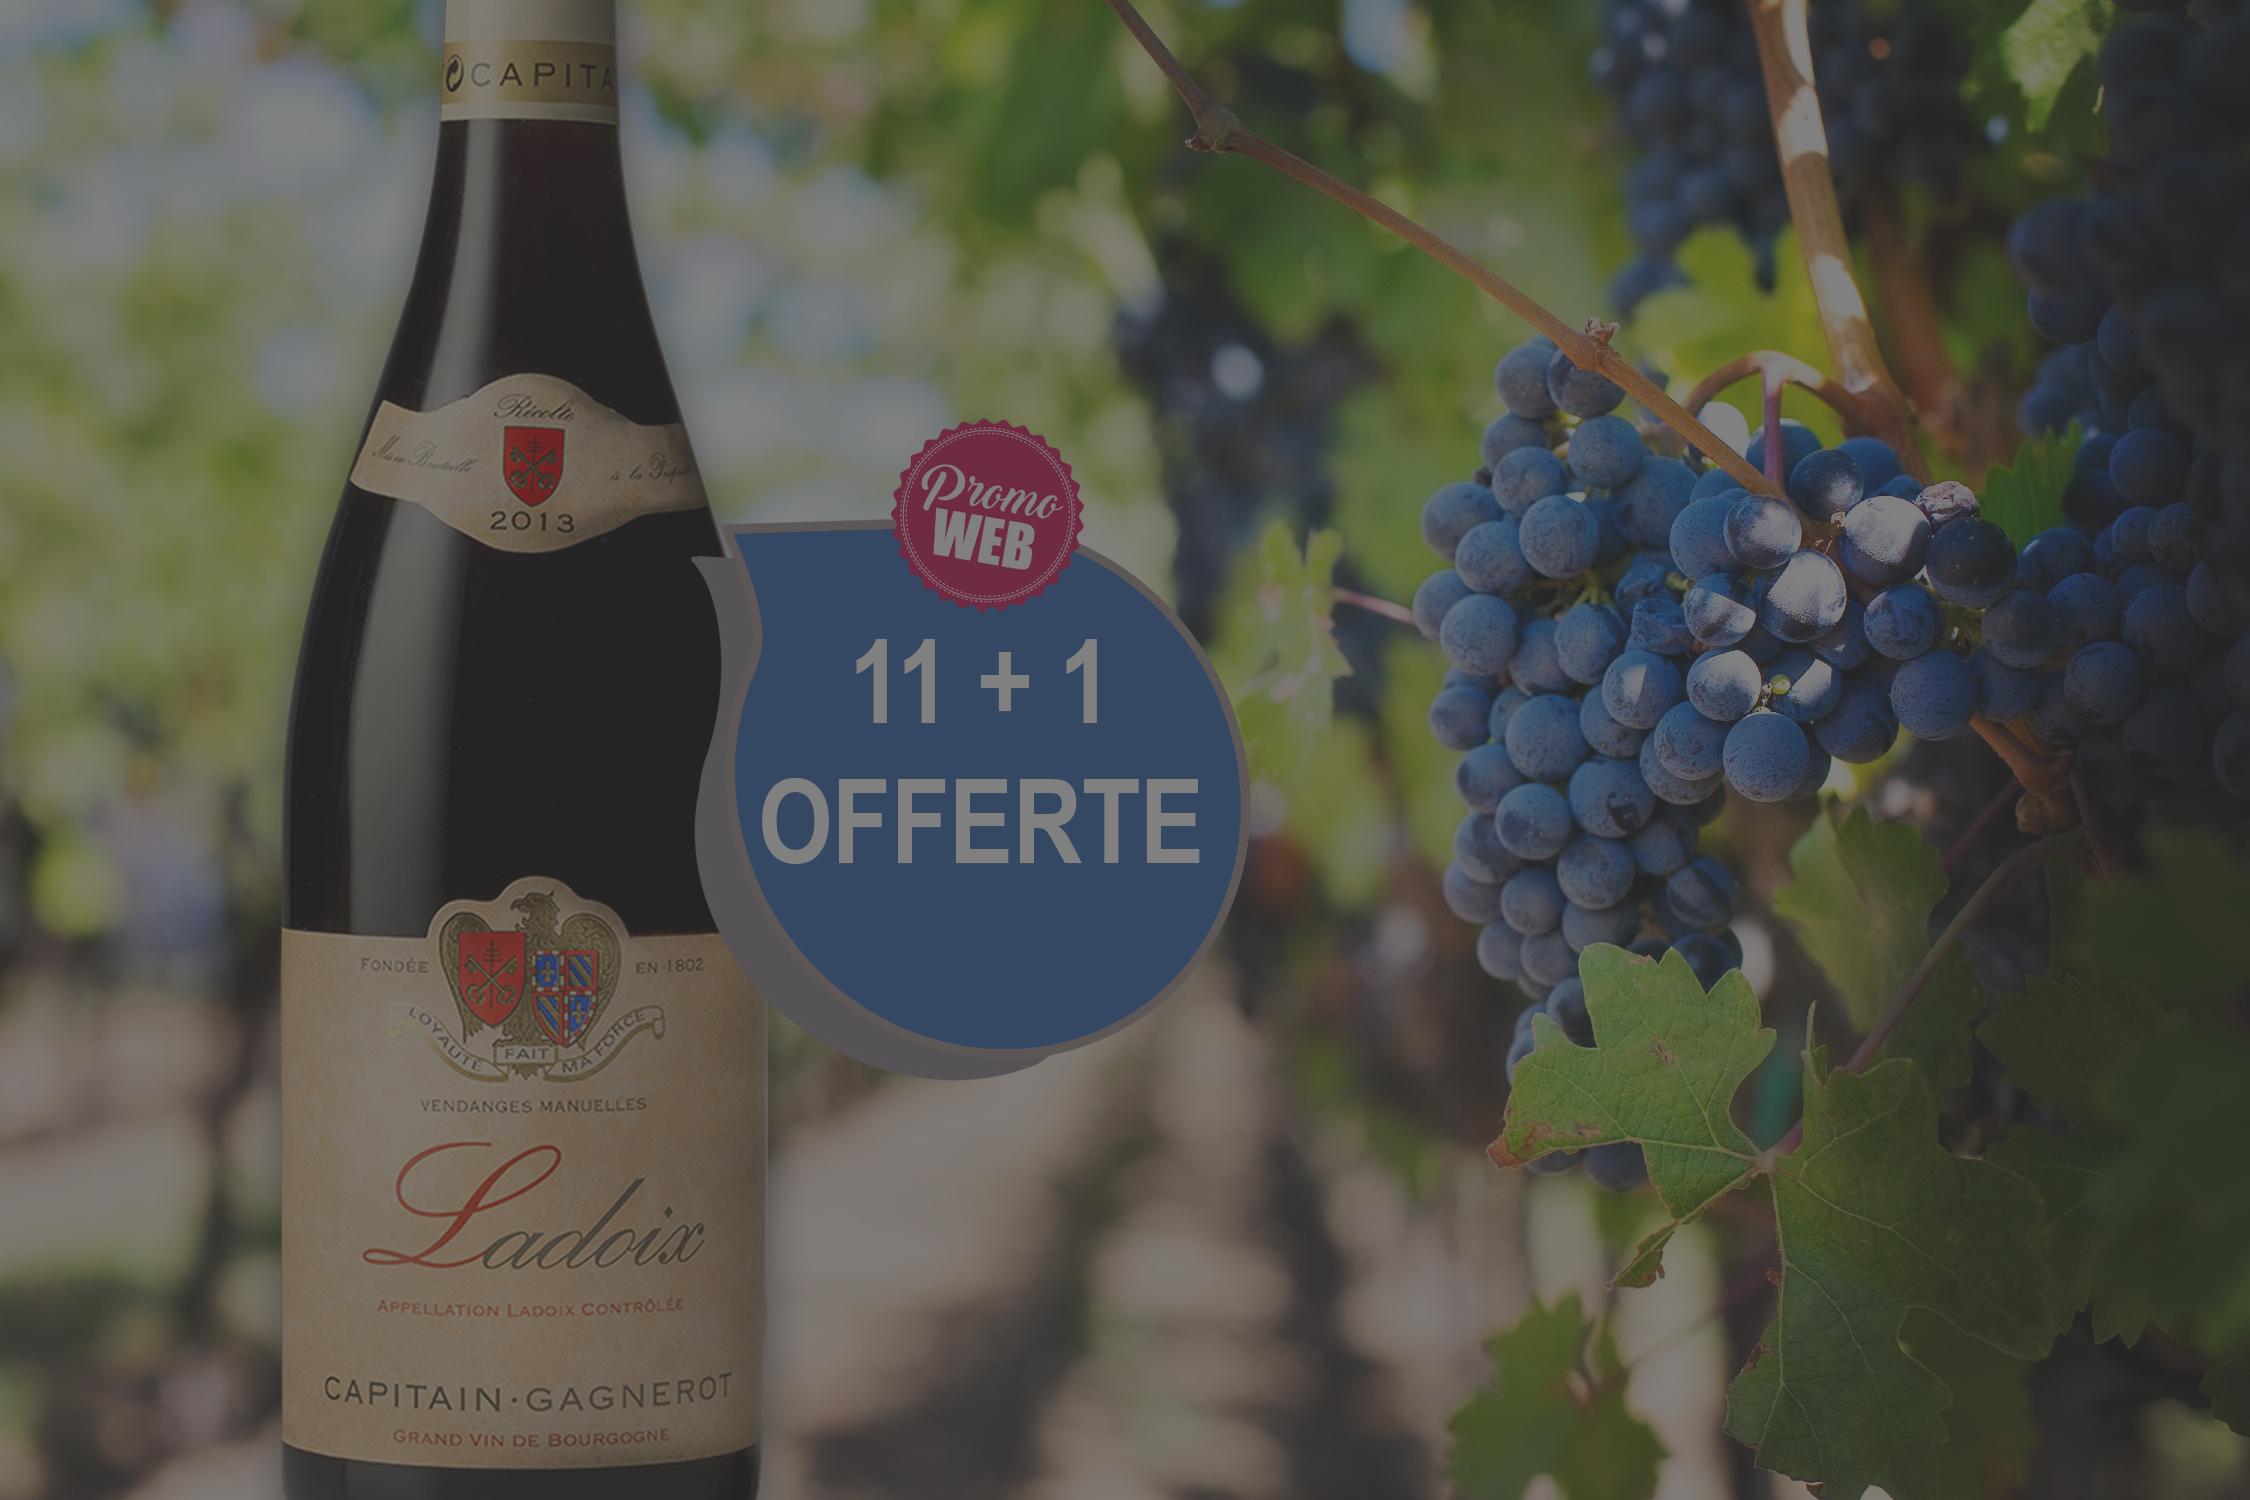 Offre spéciale Web : Ladoix Rouge 2018 D. Capitain Gagnerot